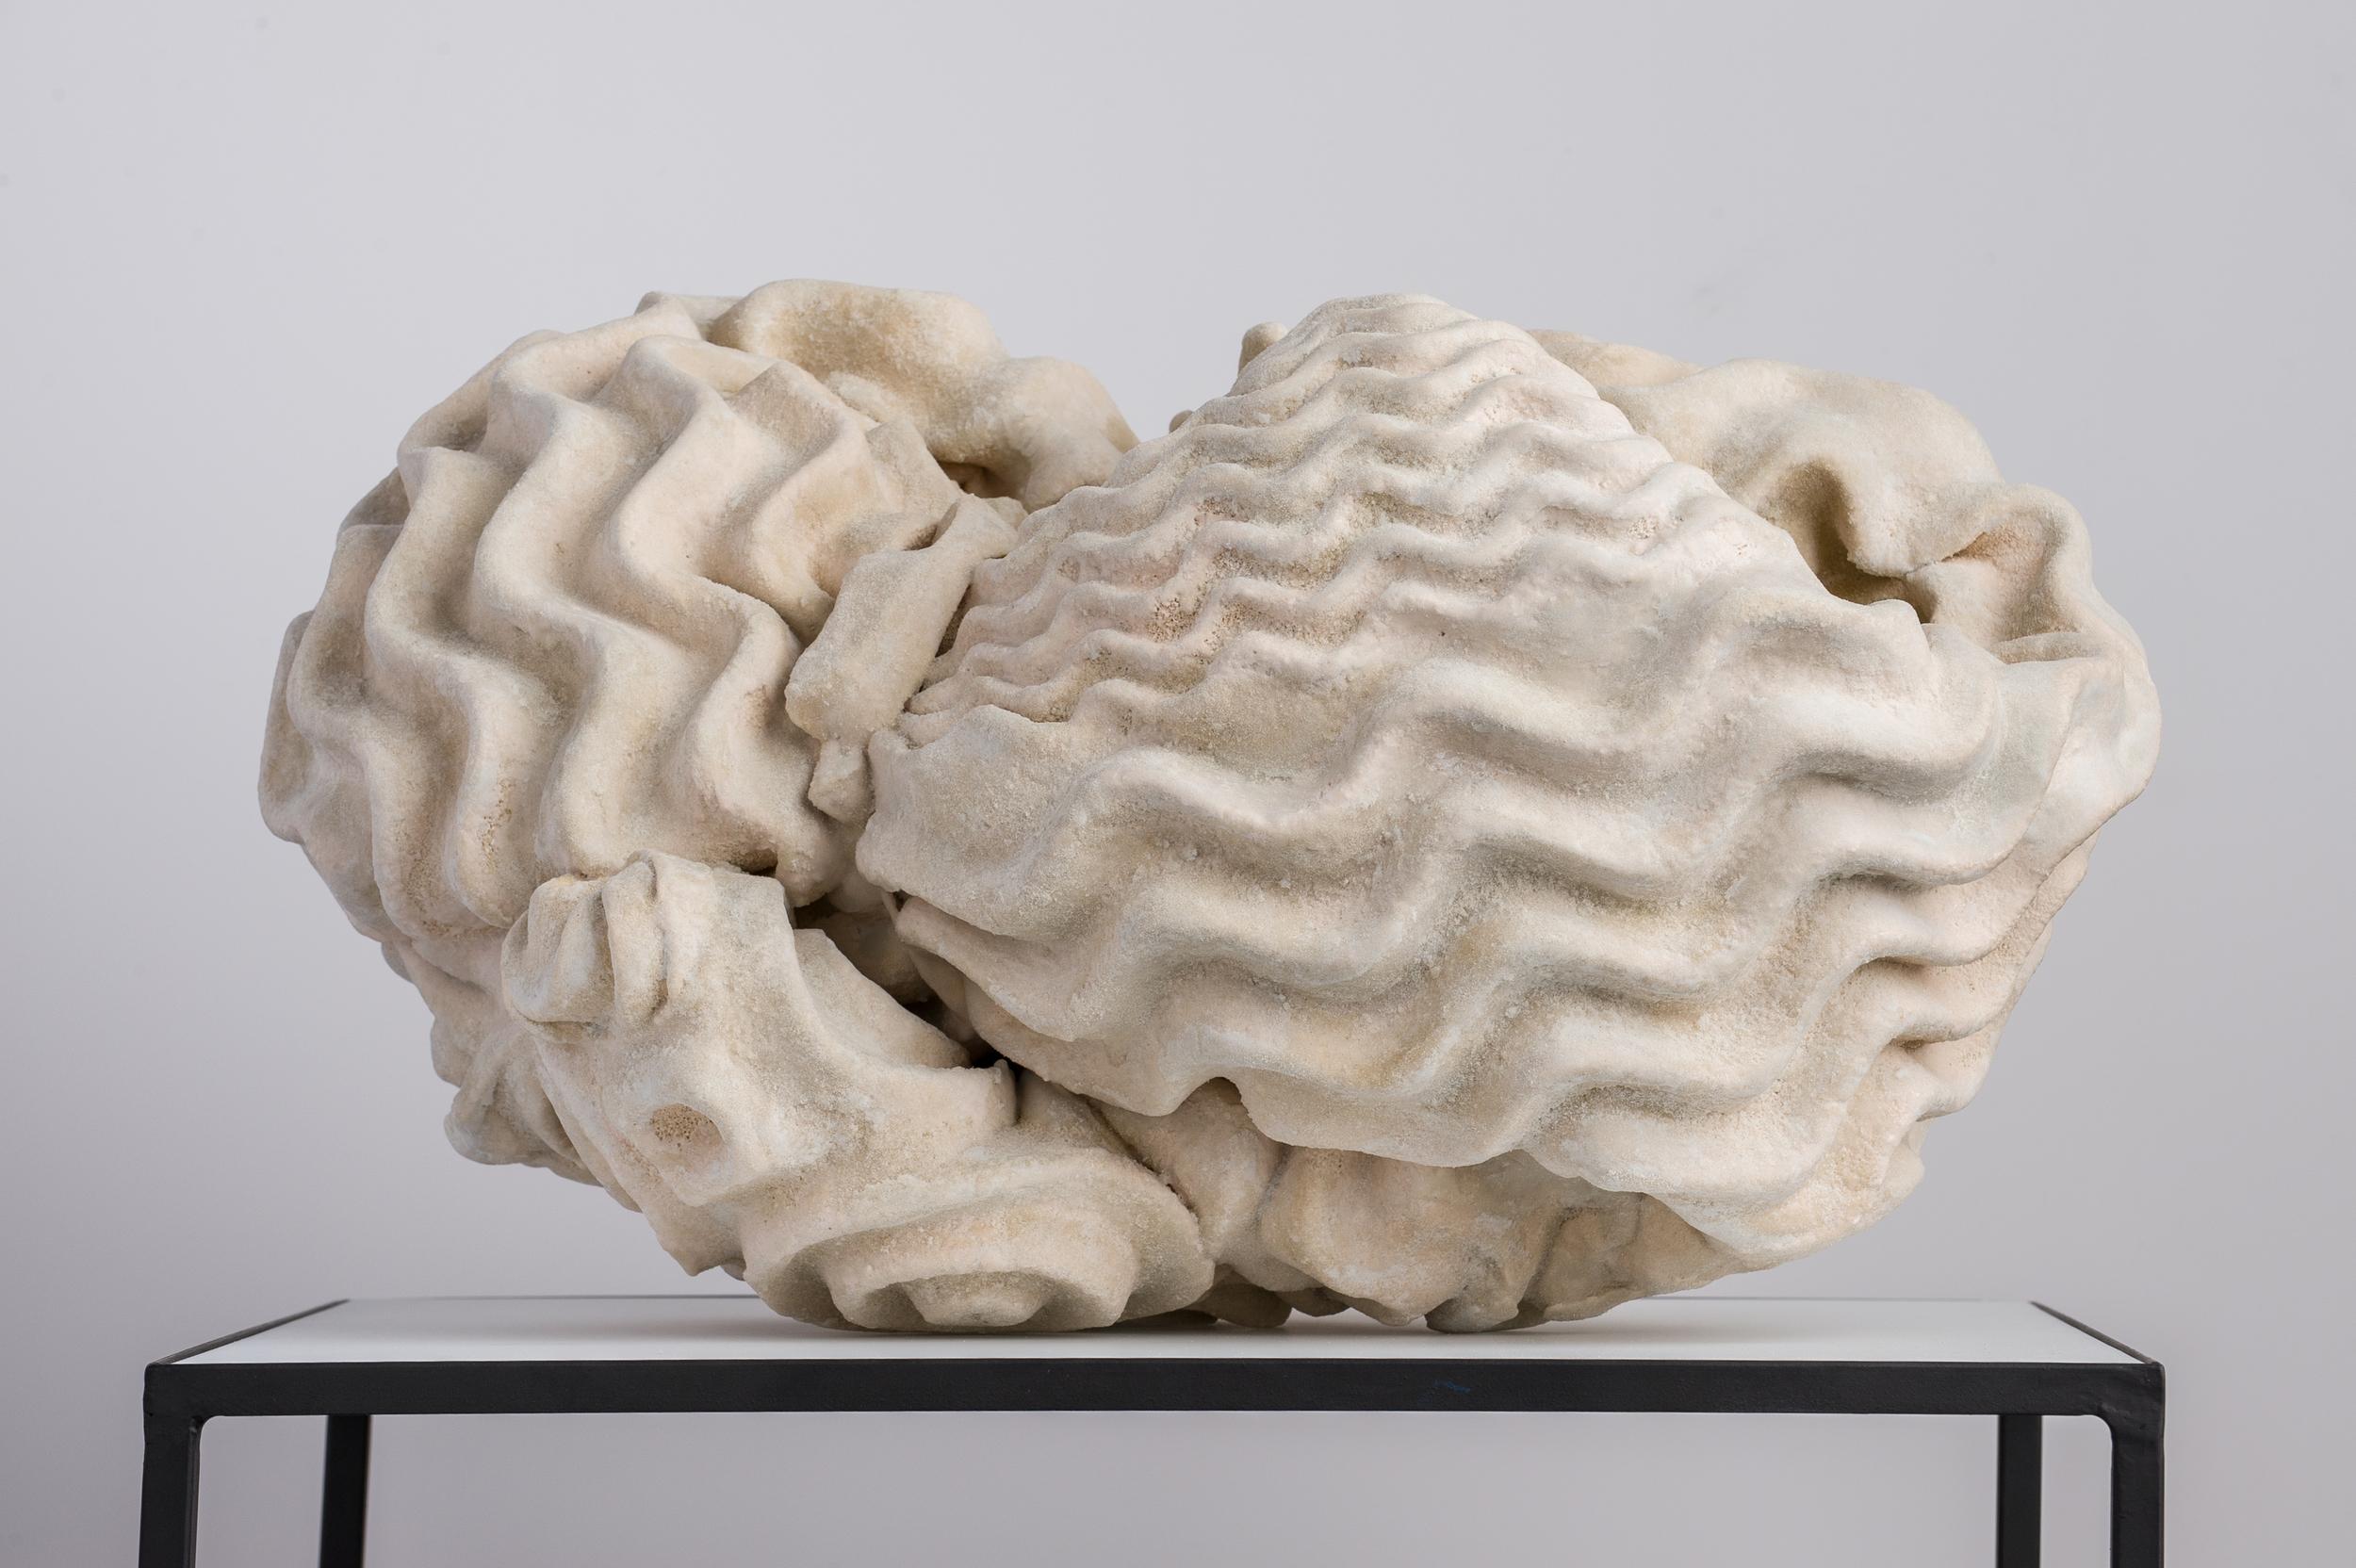 Problematica (Foam Rock)